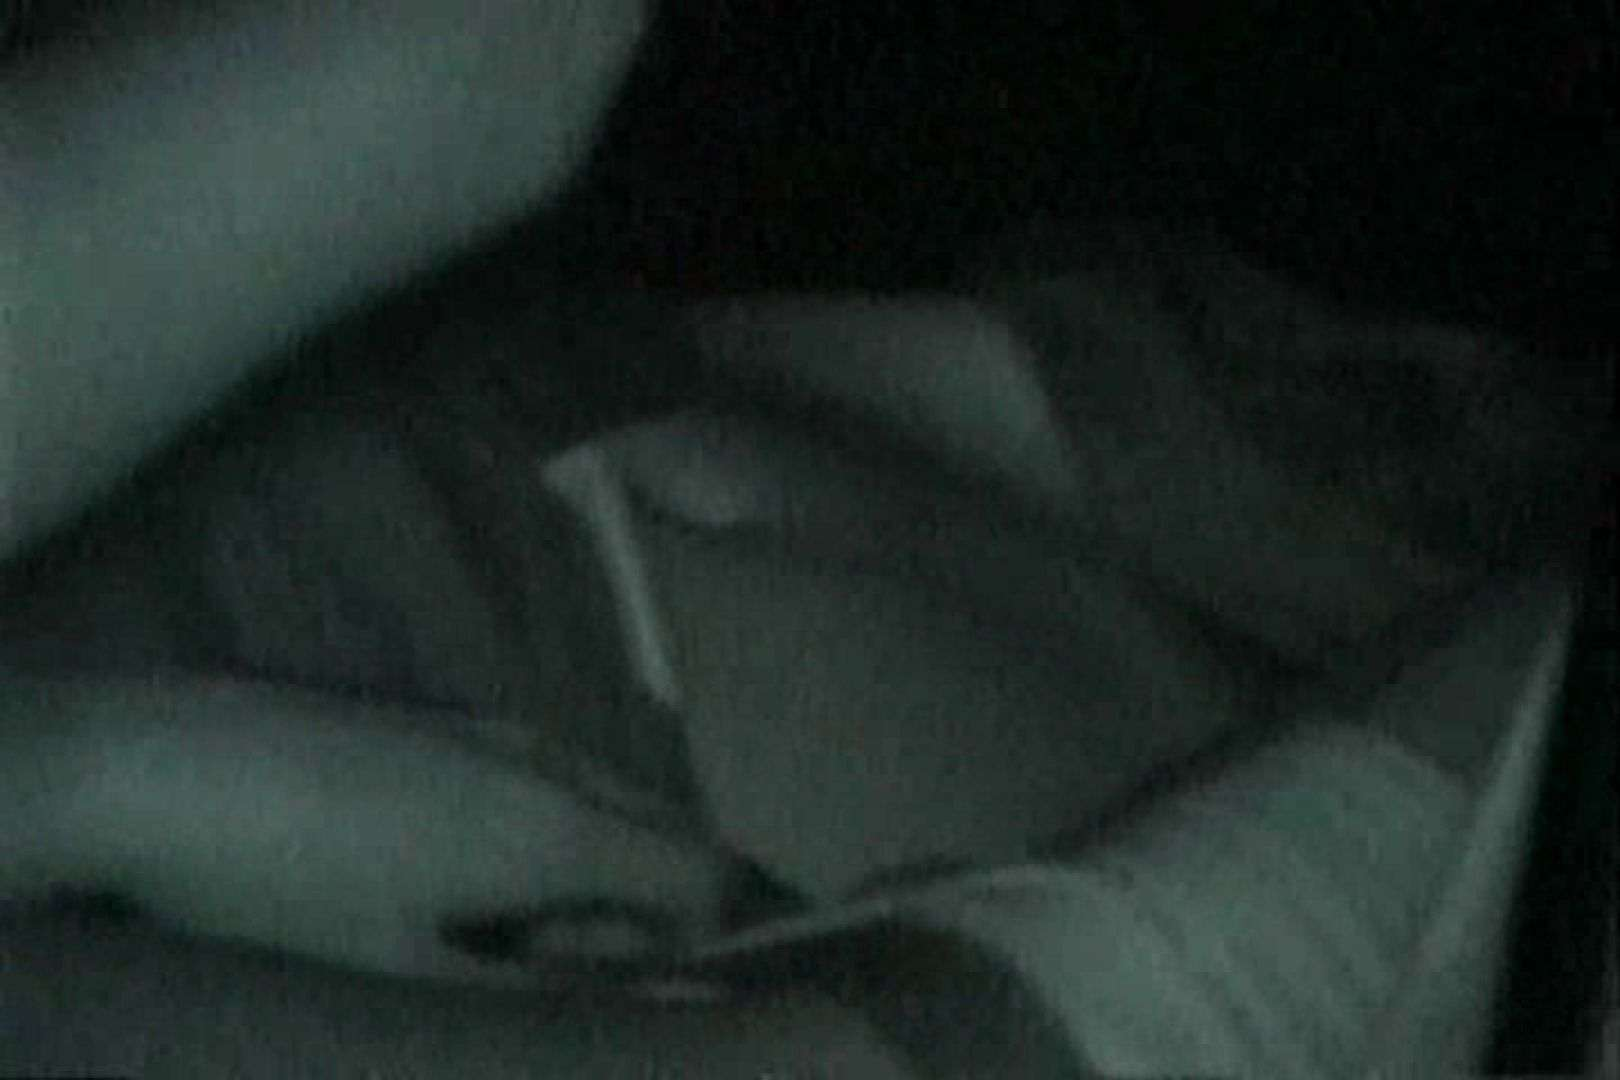 充血監督の深夜の運動会Vol.125 盗撮師作品 AV無料動画キャプチャ 98pic 83